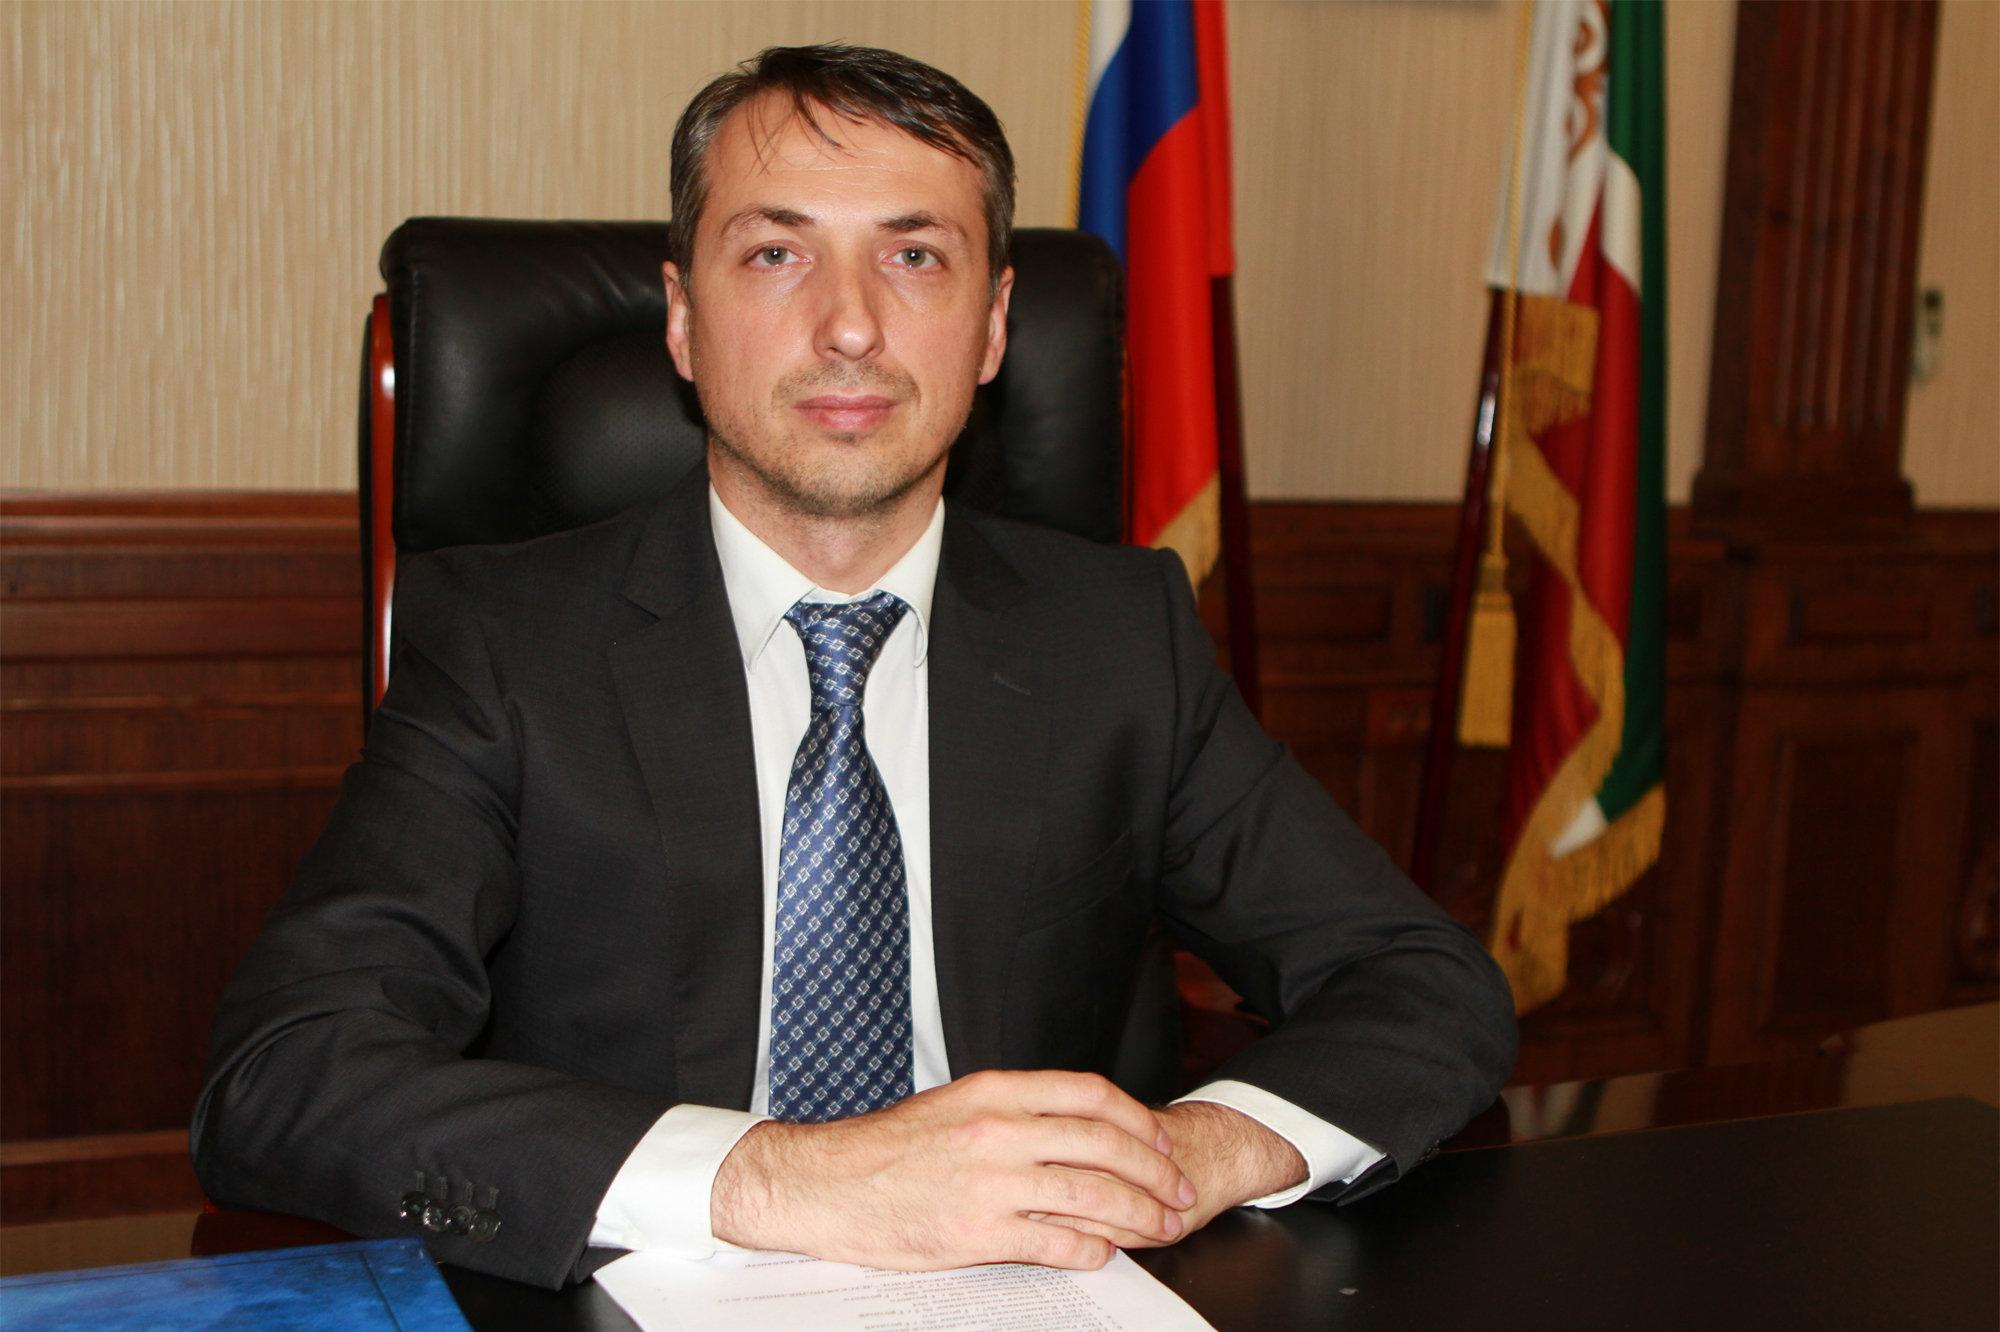 Министр здравоохранения Чеченской Республики Эльхан Сулейманов, фото из архива